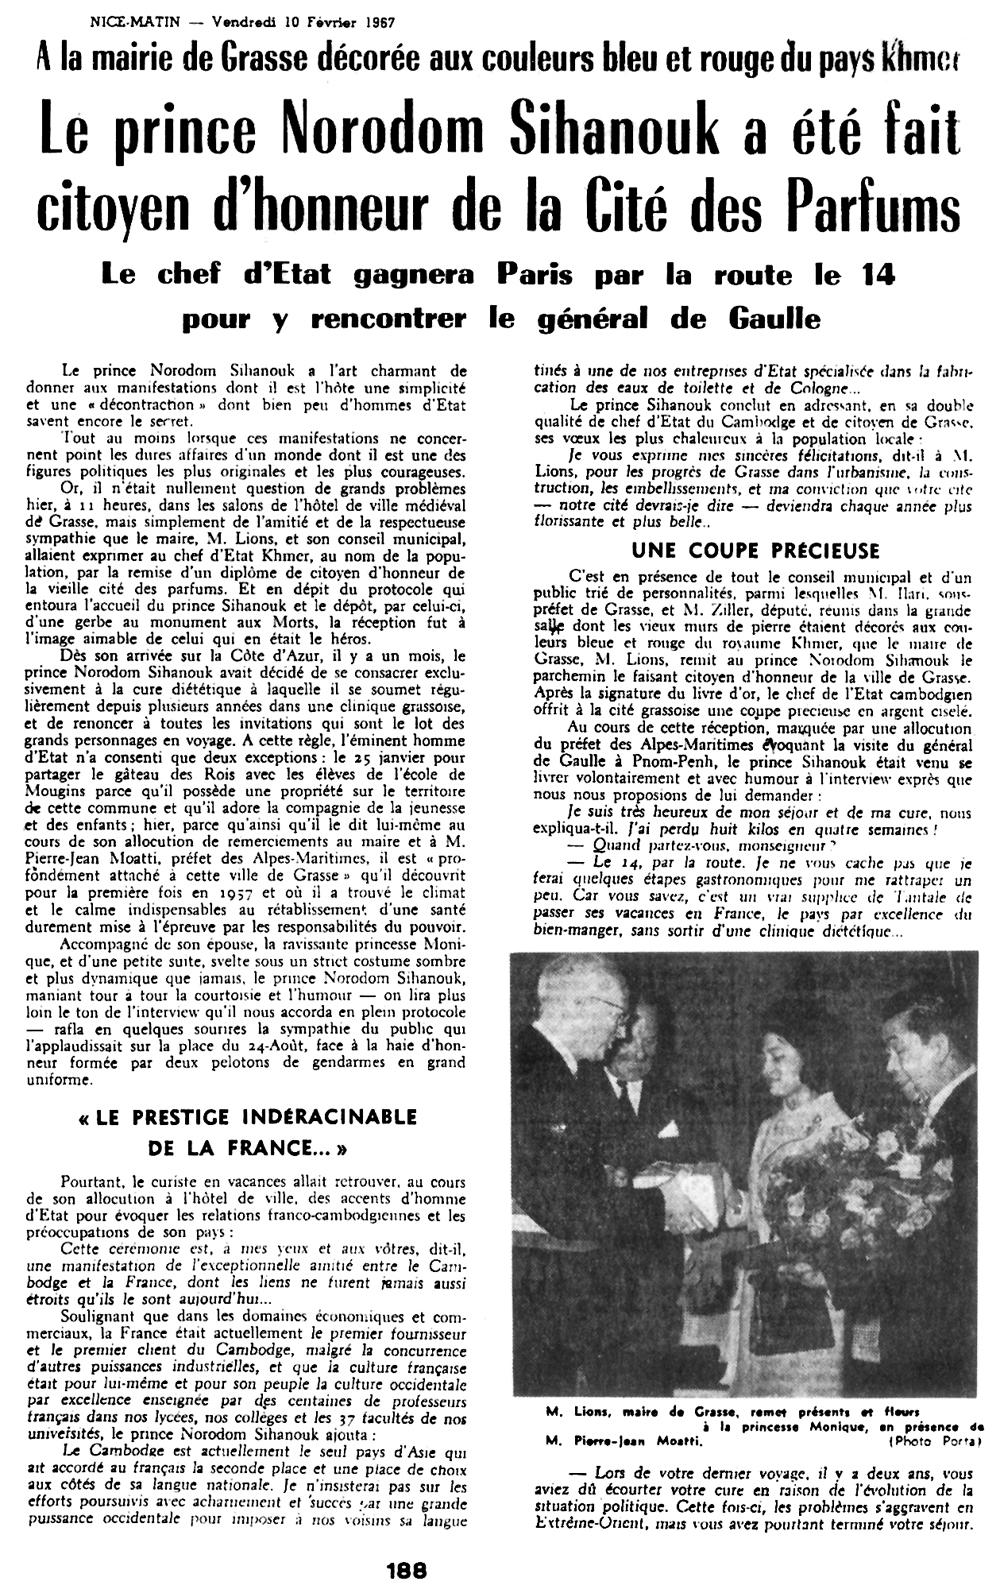 All/history/Histoire/NorodomSihanoukenFrance/NorodomSihanoukenFrance/id409/photo010.jpg